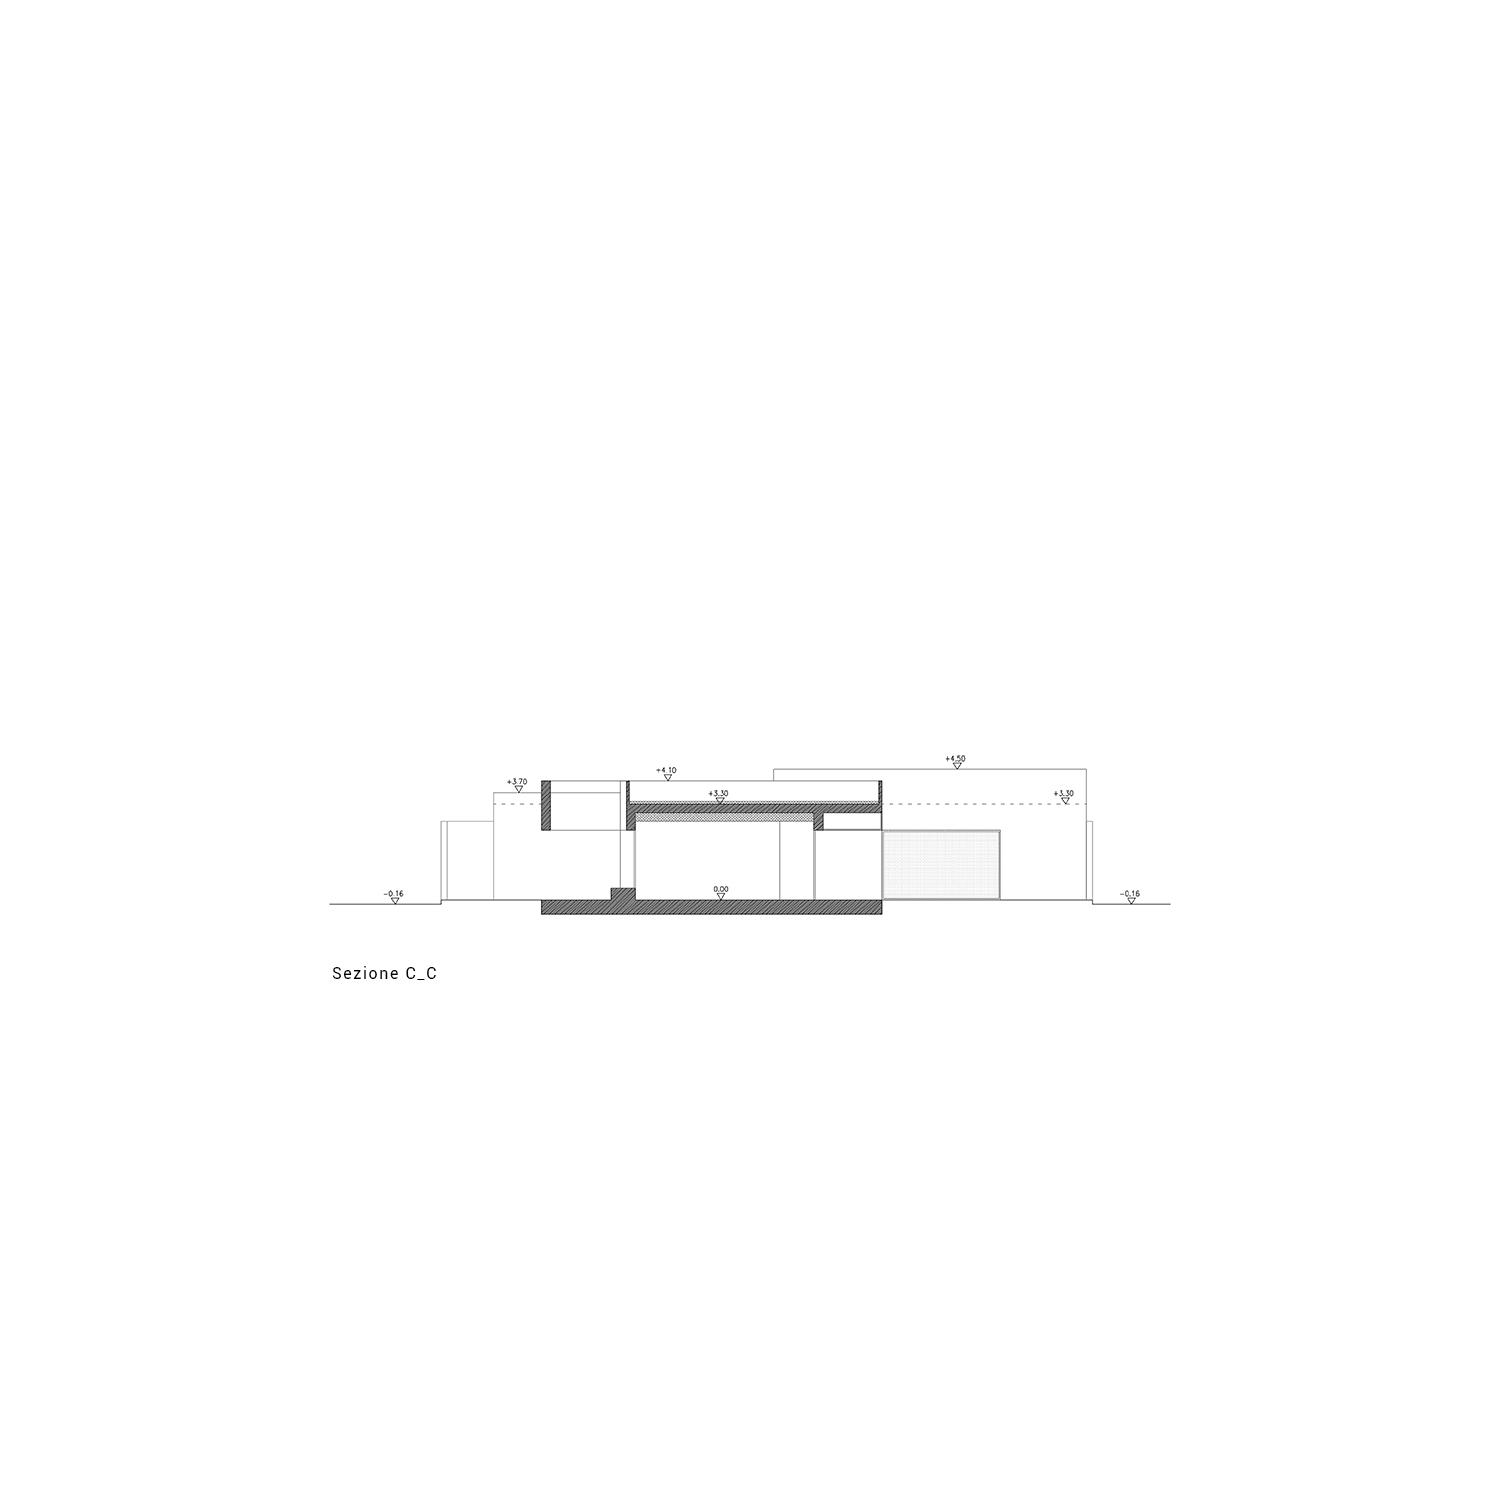 sezione C-C Arch. Salvatore Terranova - Ing. Giorgia Testa}